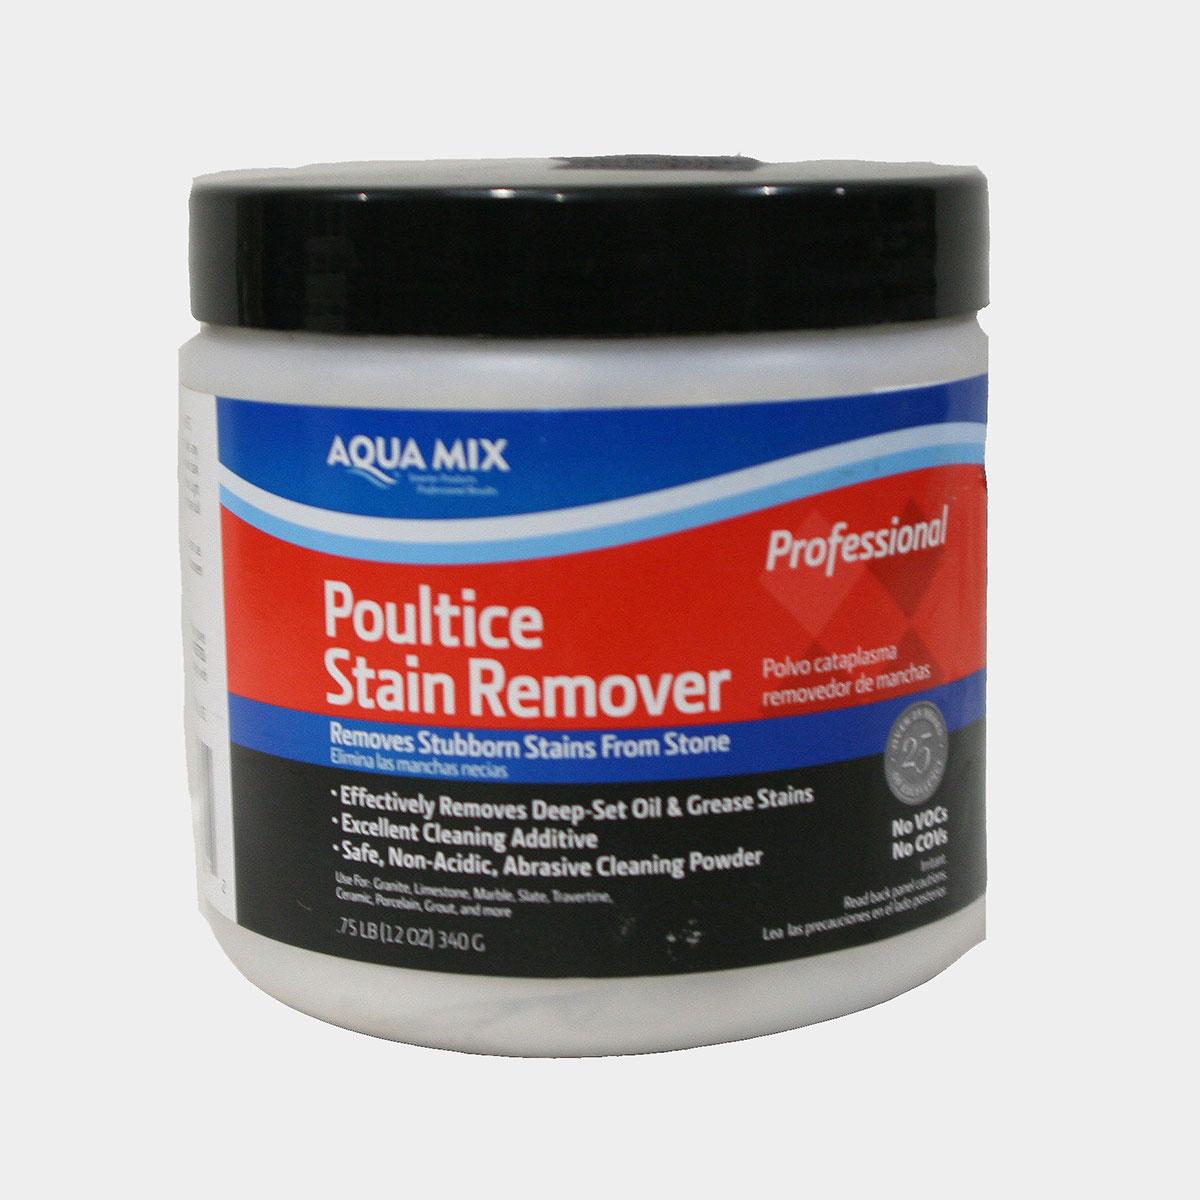 Aqua mix poultice 3 4 lb jar for Concrete cleaner oil remover